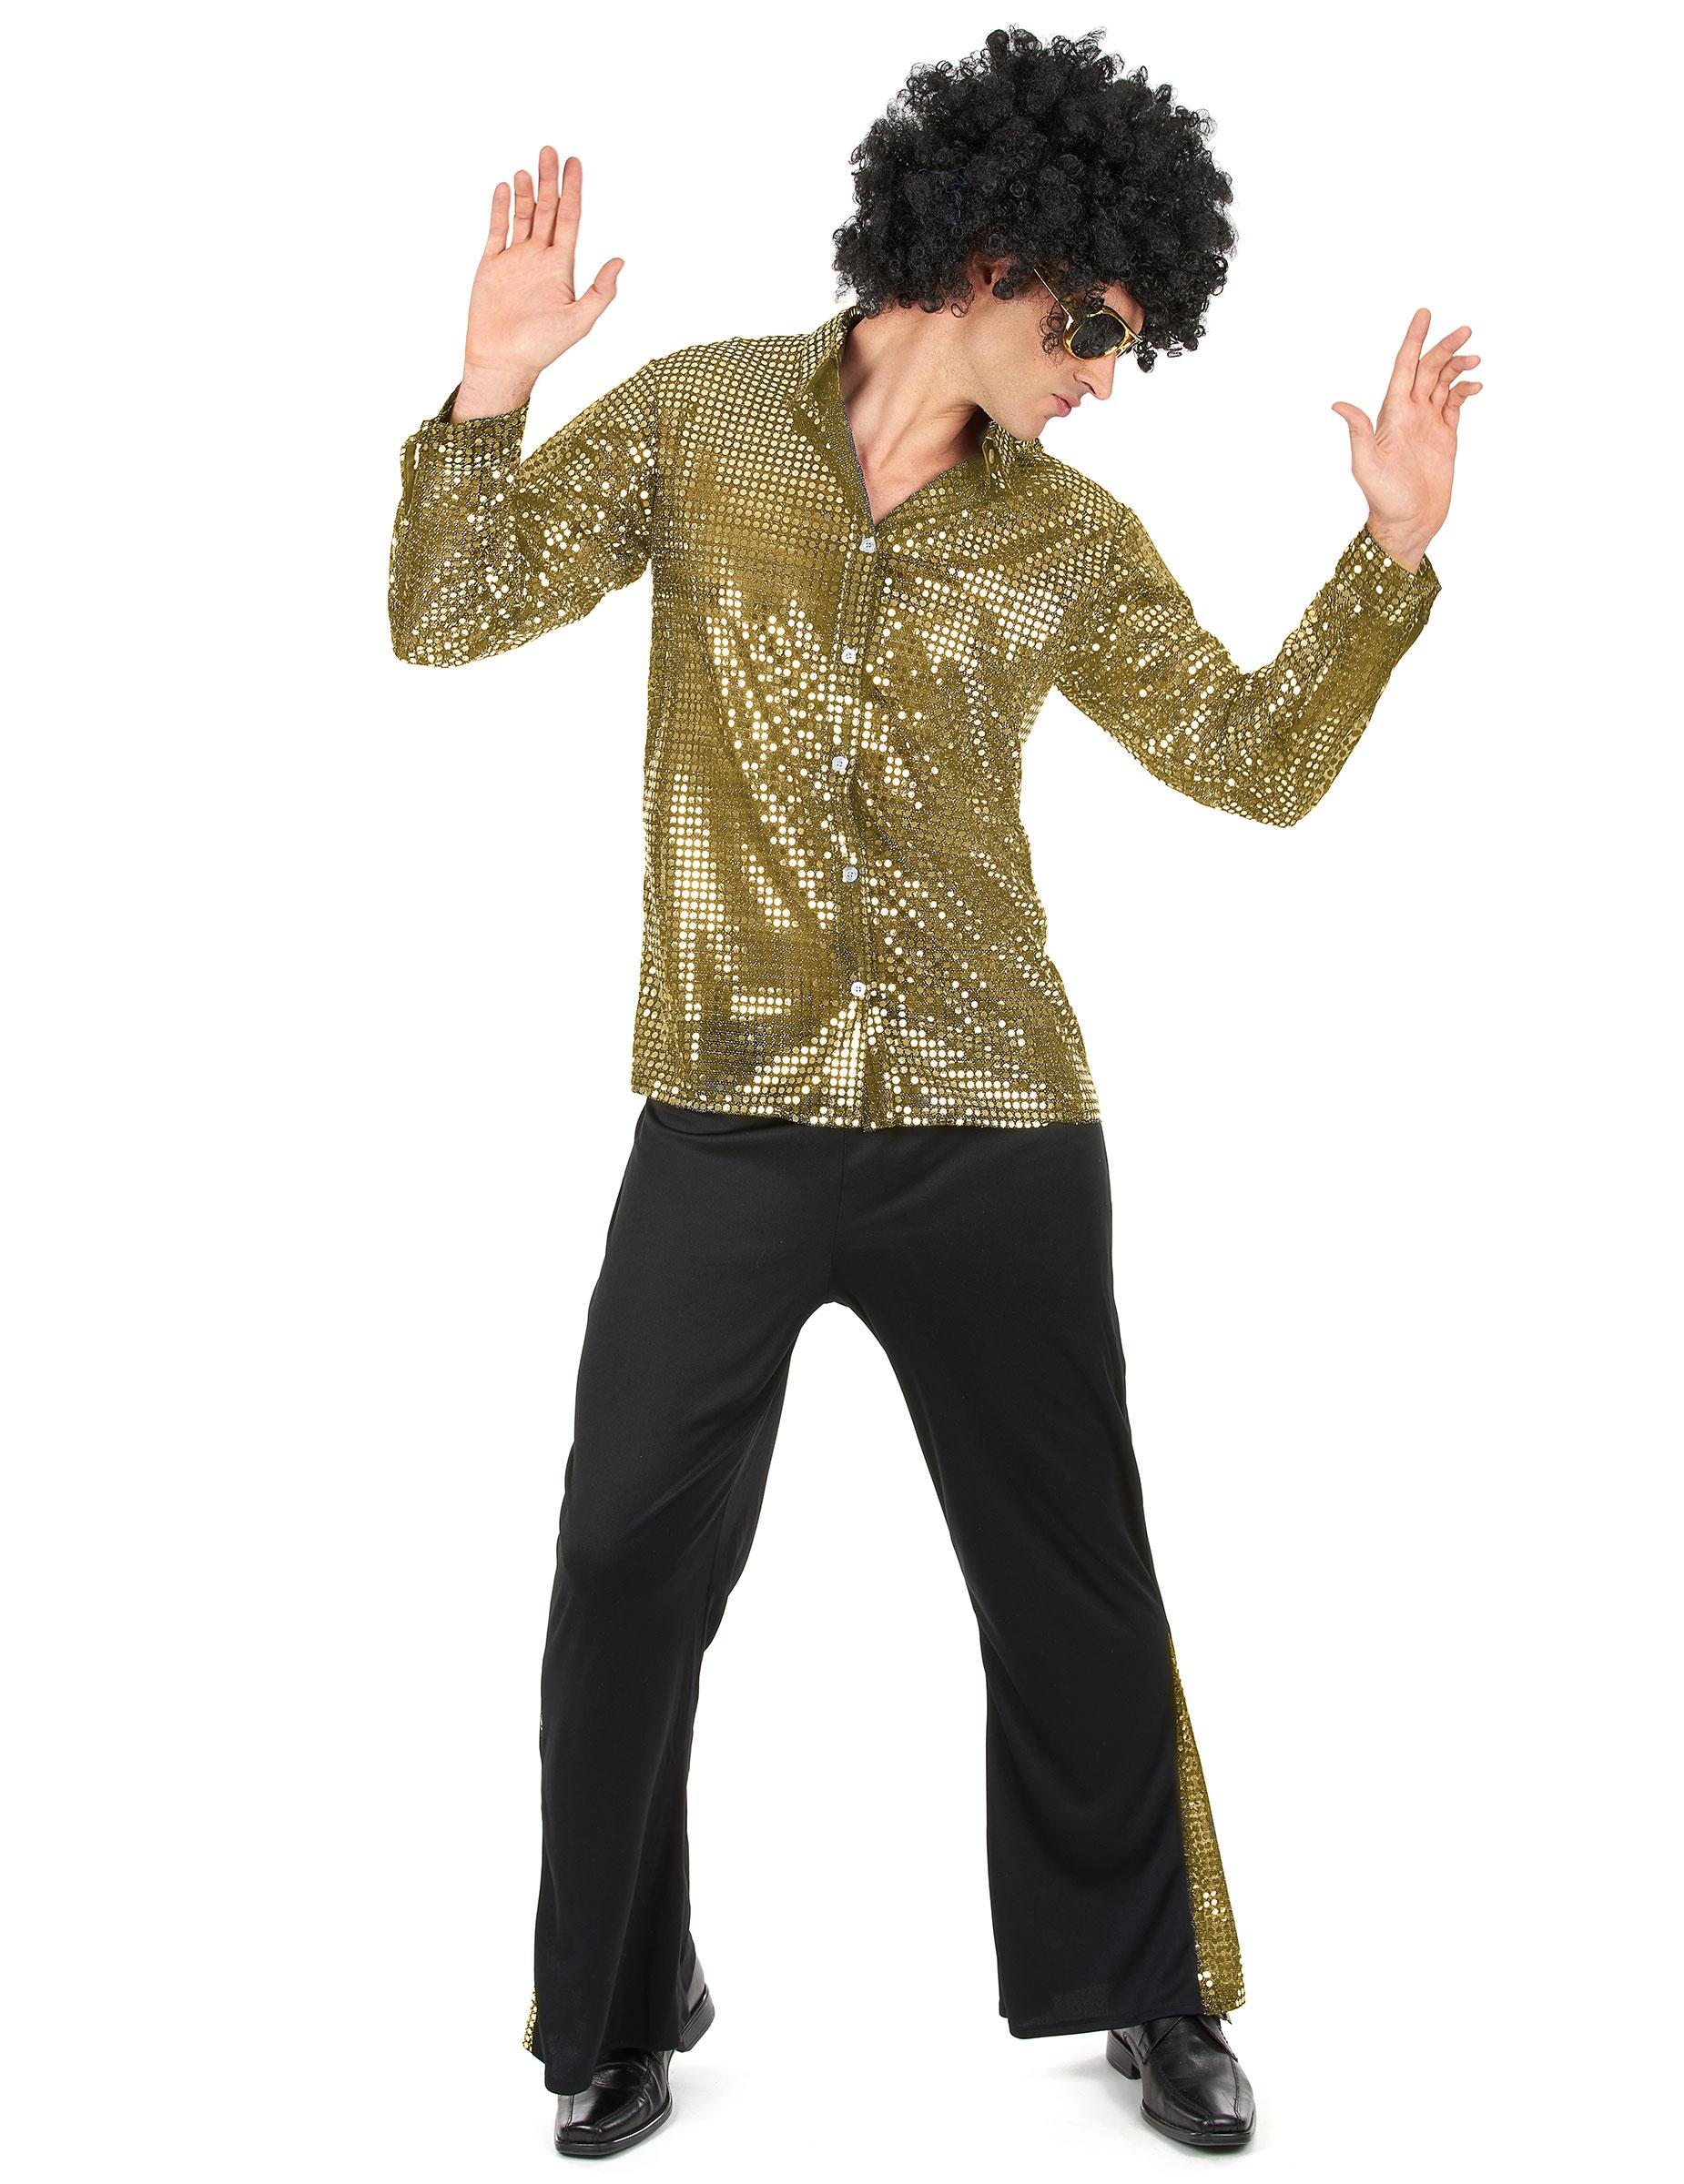 Gyllene discodräkt - Maskeradkläder för vuxna 2ad604908ee83